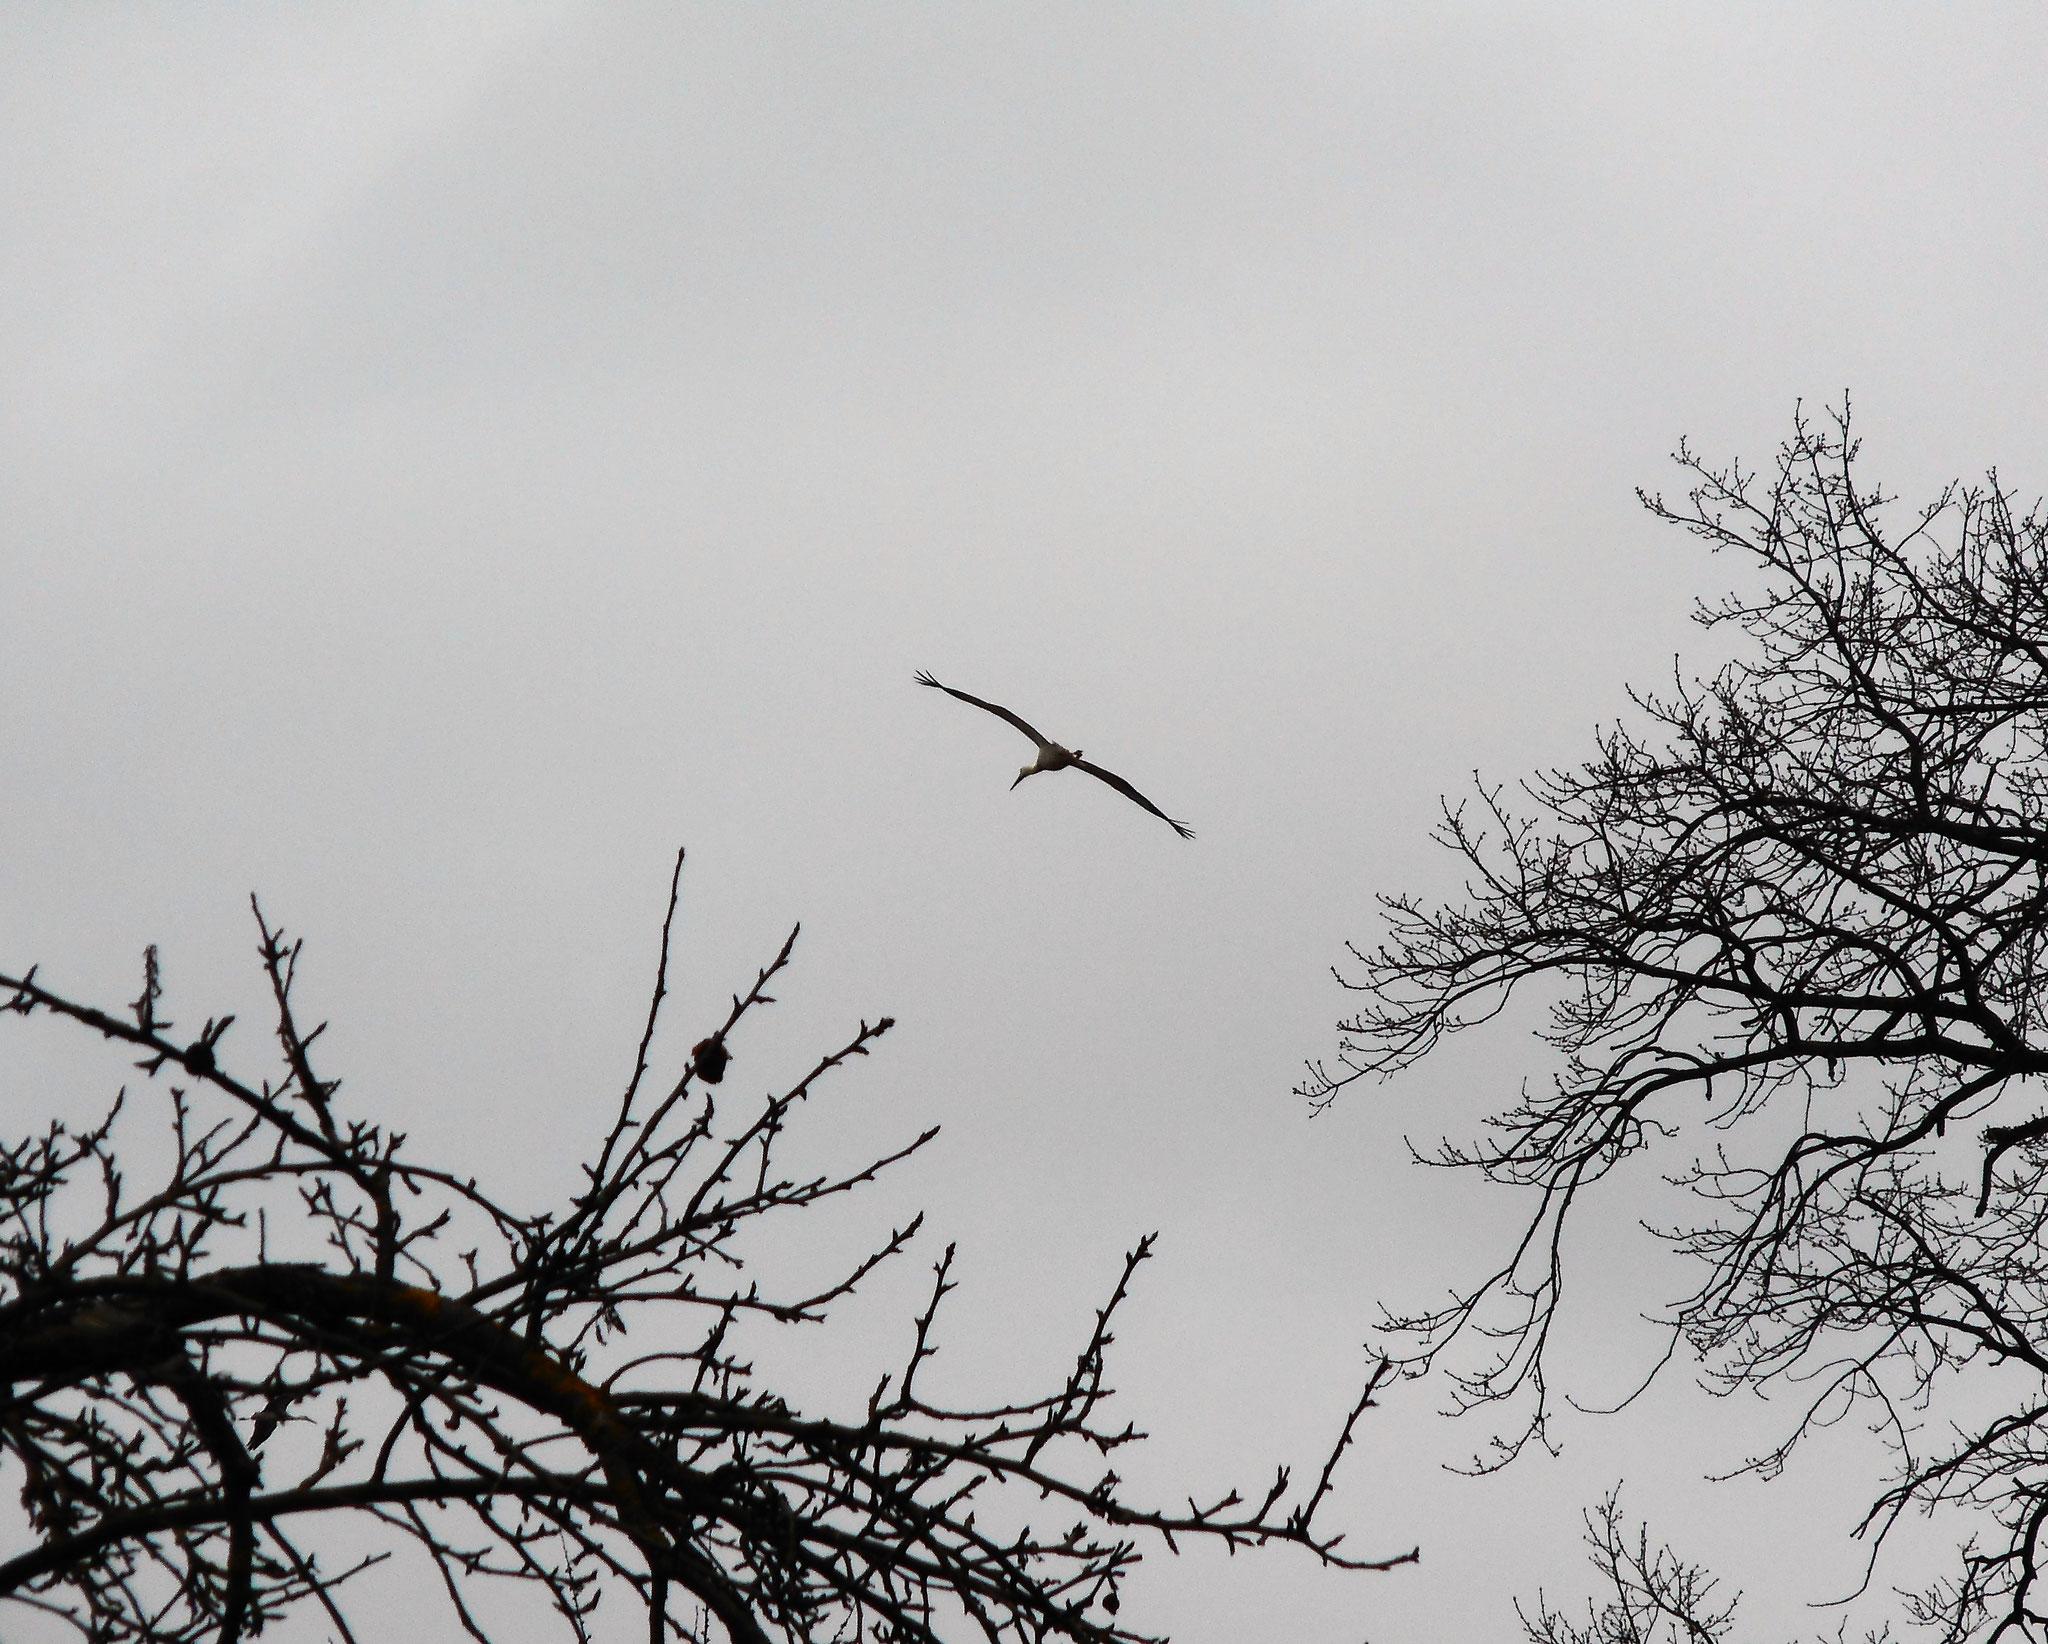 Sie fliegen wieder über Rühstädt!